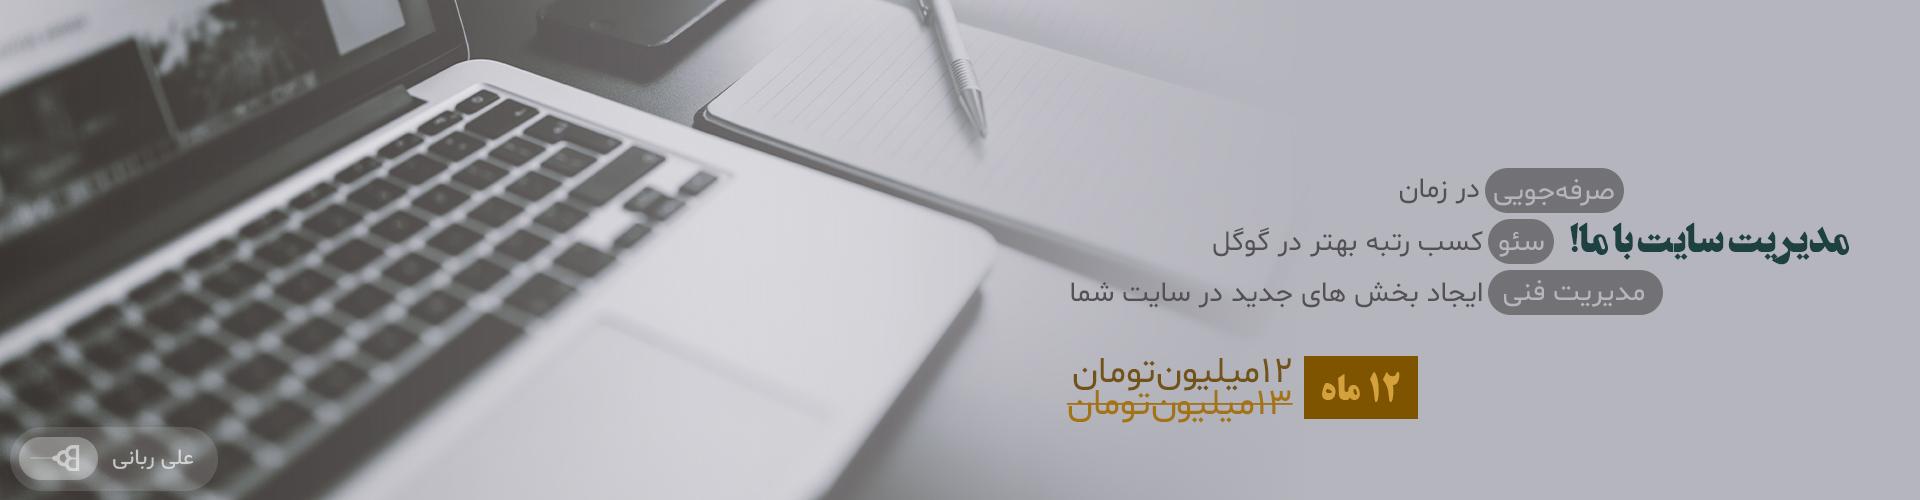 مدیریت سایت (ادمین سایت)